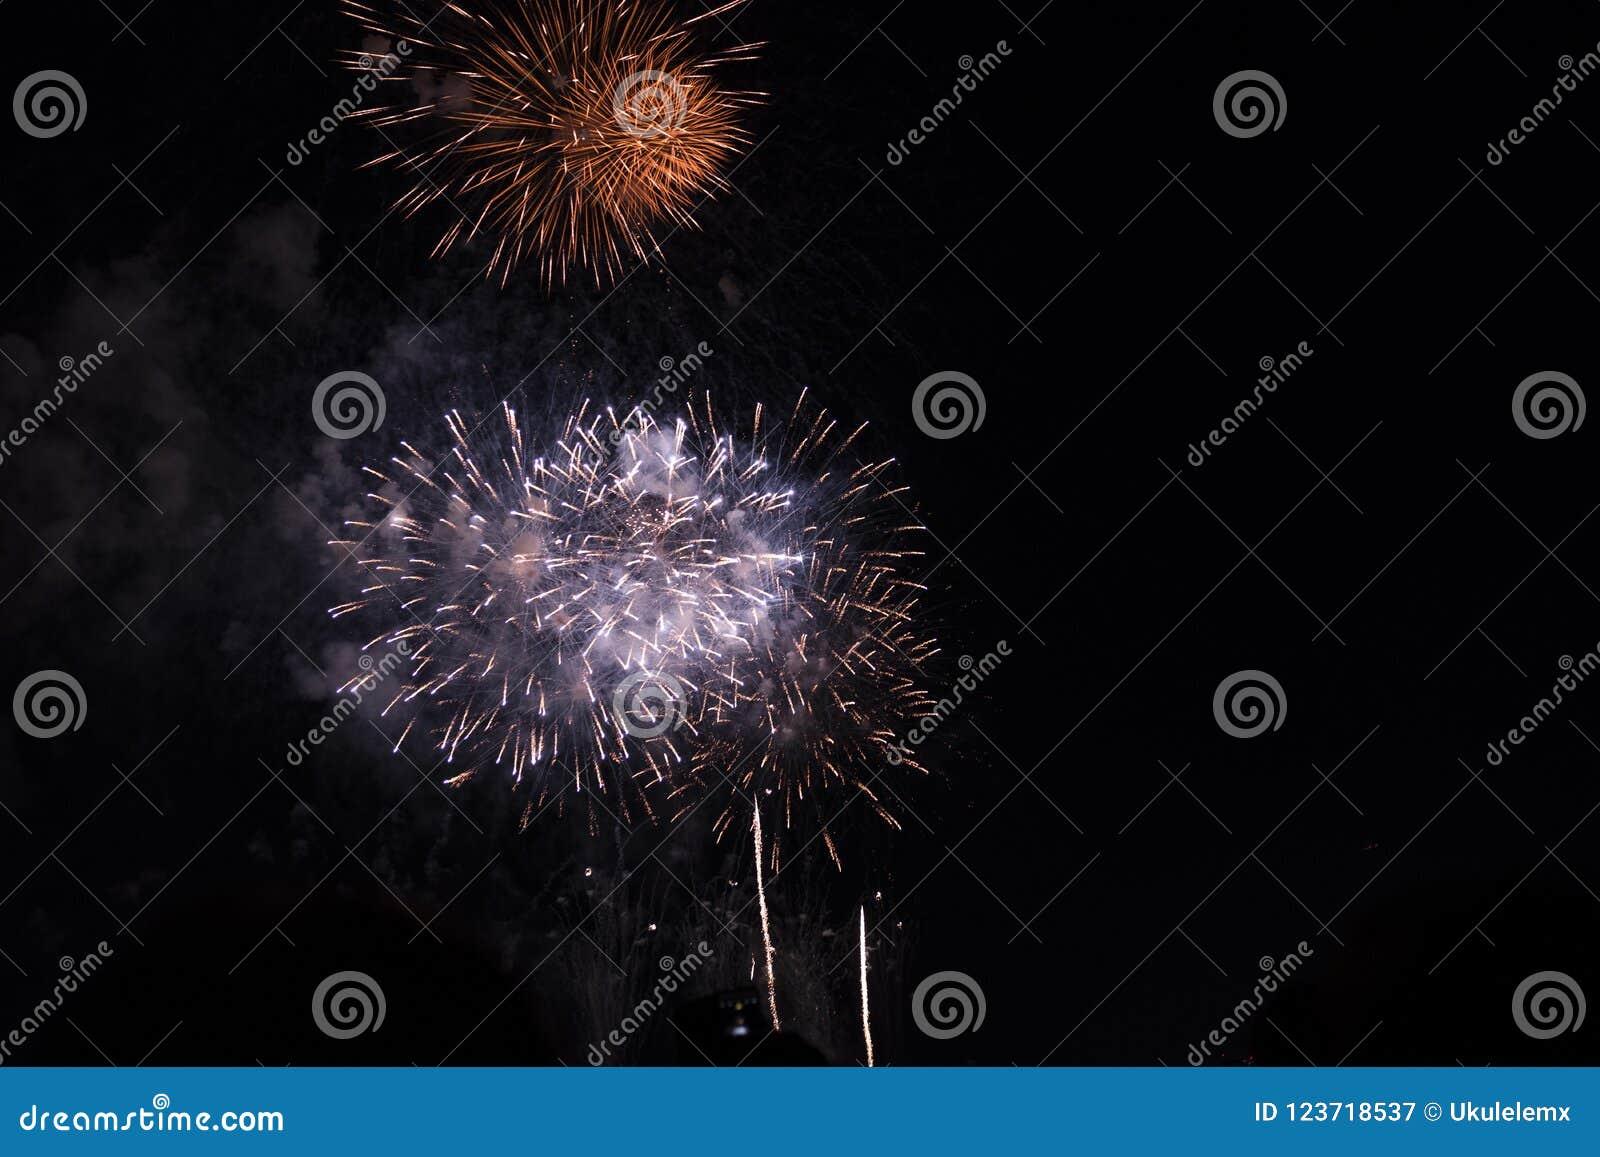 Πολλαπλάσια πυροτεχνήματα στο νυχτερινό ουρανό σε μια σύνθεση στις σκιές κόκκινες και άσπρες